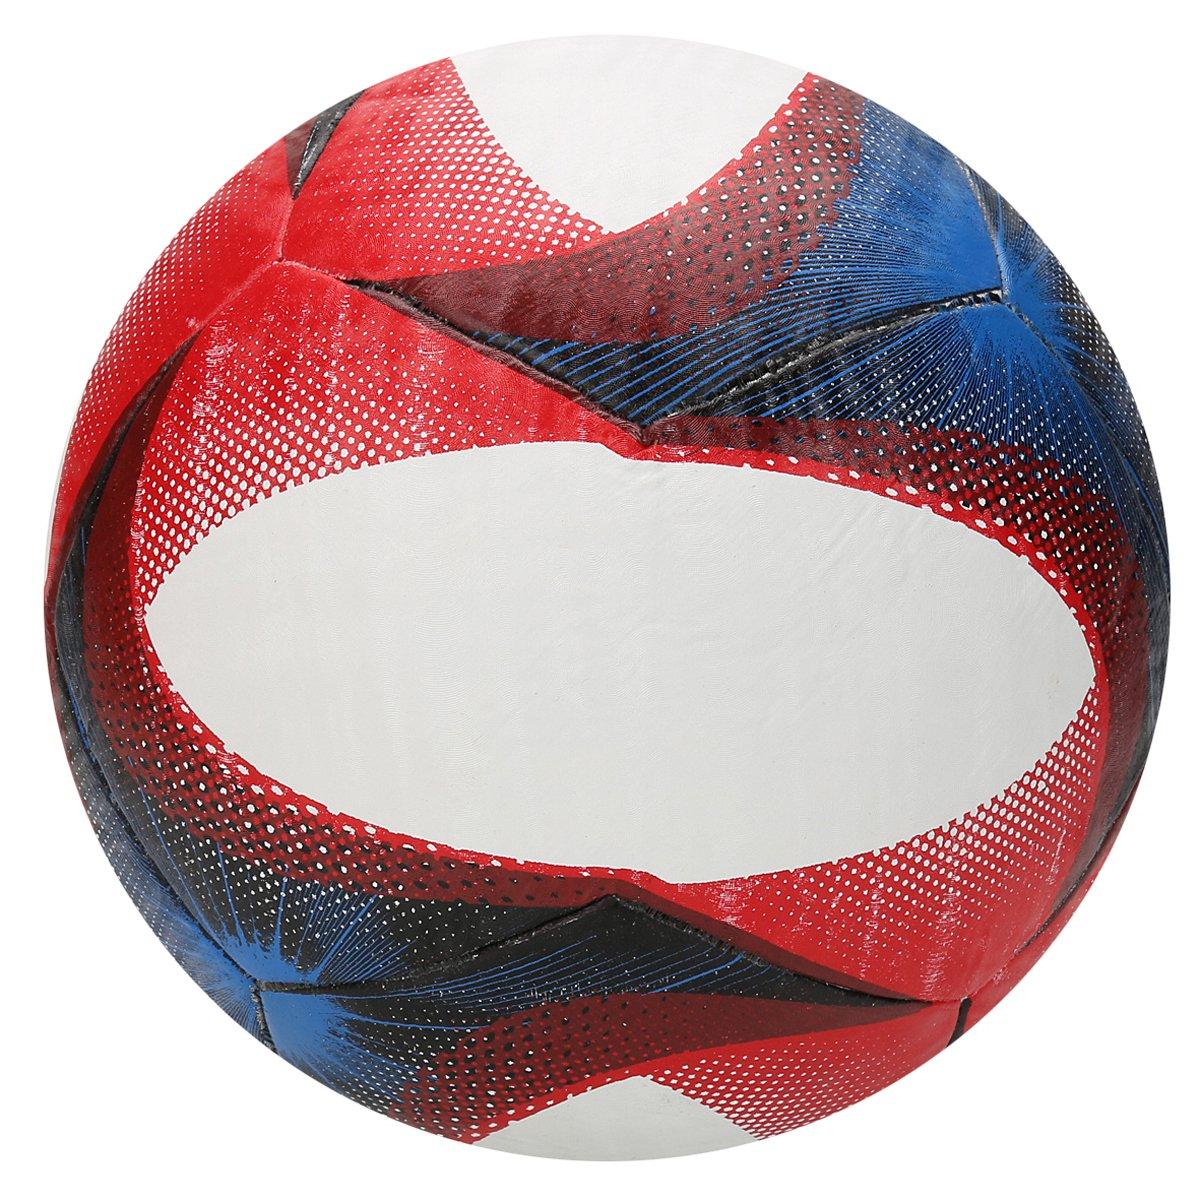 Bola Futebol Topper Slick Campo - Branco e Vermelho - Compre Agora ... 5ed1ef2a39045